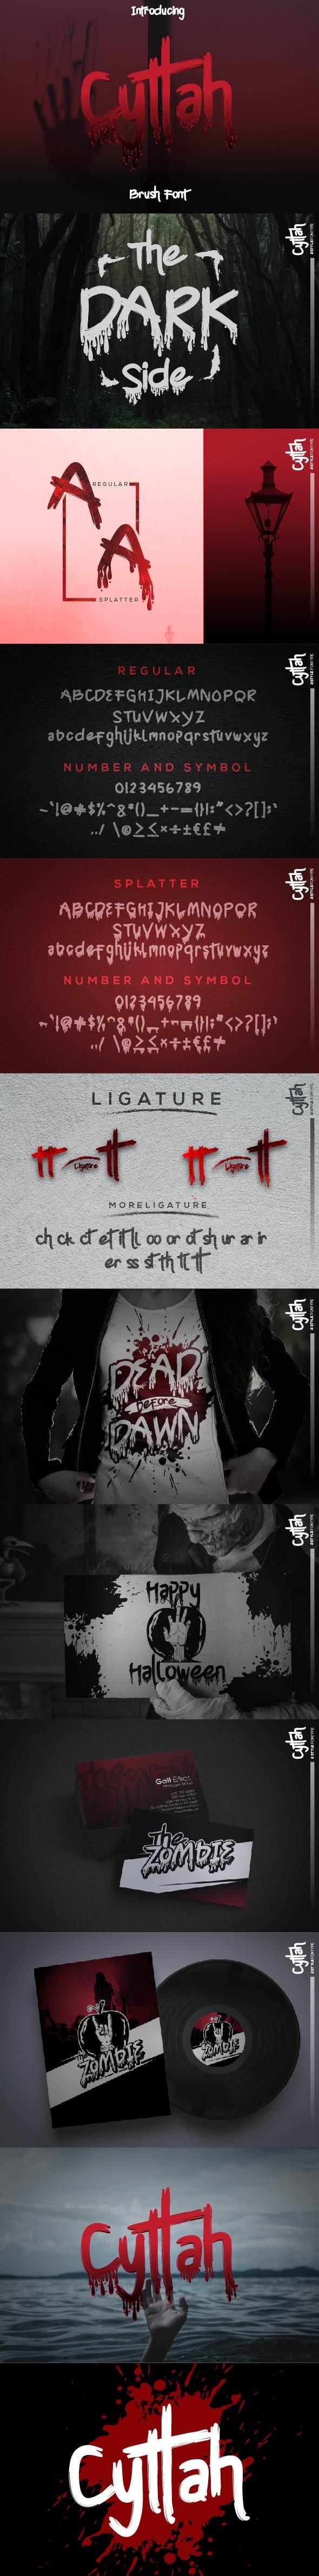 Cyttah Graffiti - Graffiti Fonts